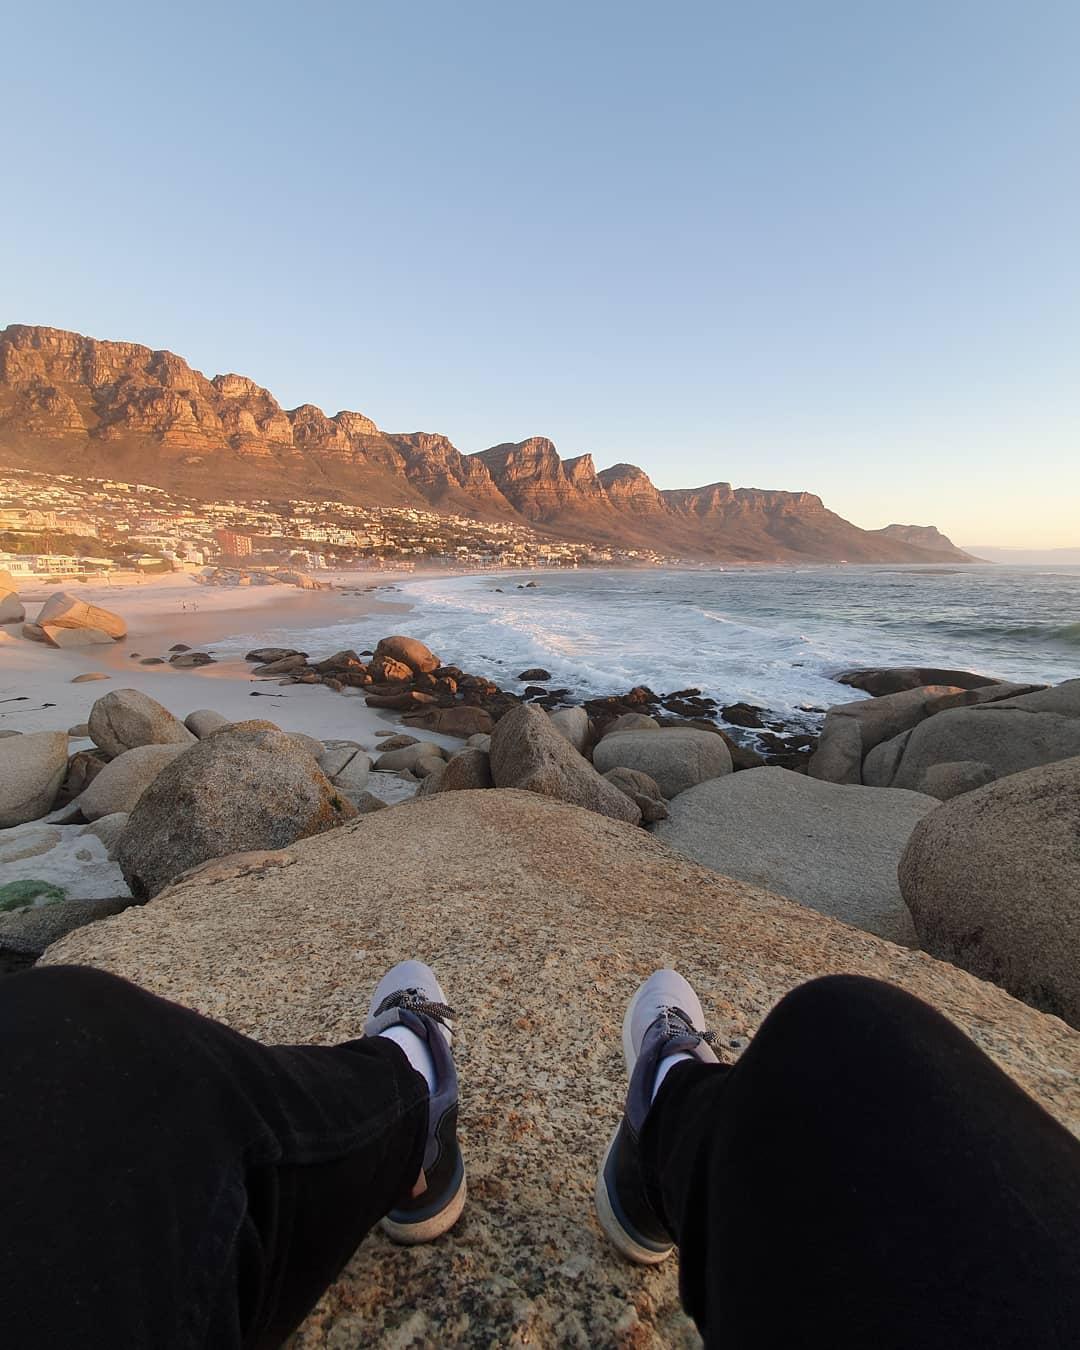 sélection spéciale de Livraison gratuite dans le monde entier 2019 meilleurs Samsung Galaxy S10 Plus Camera Test - Cape Town Guy (18 ...